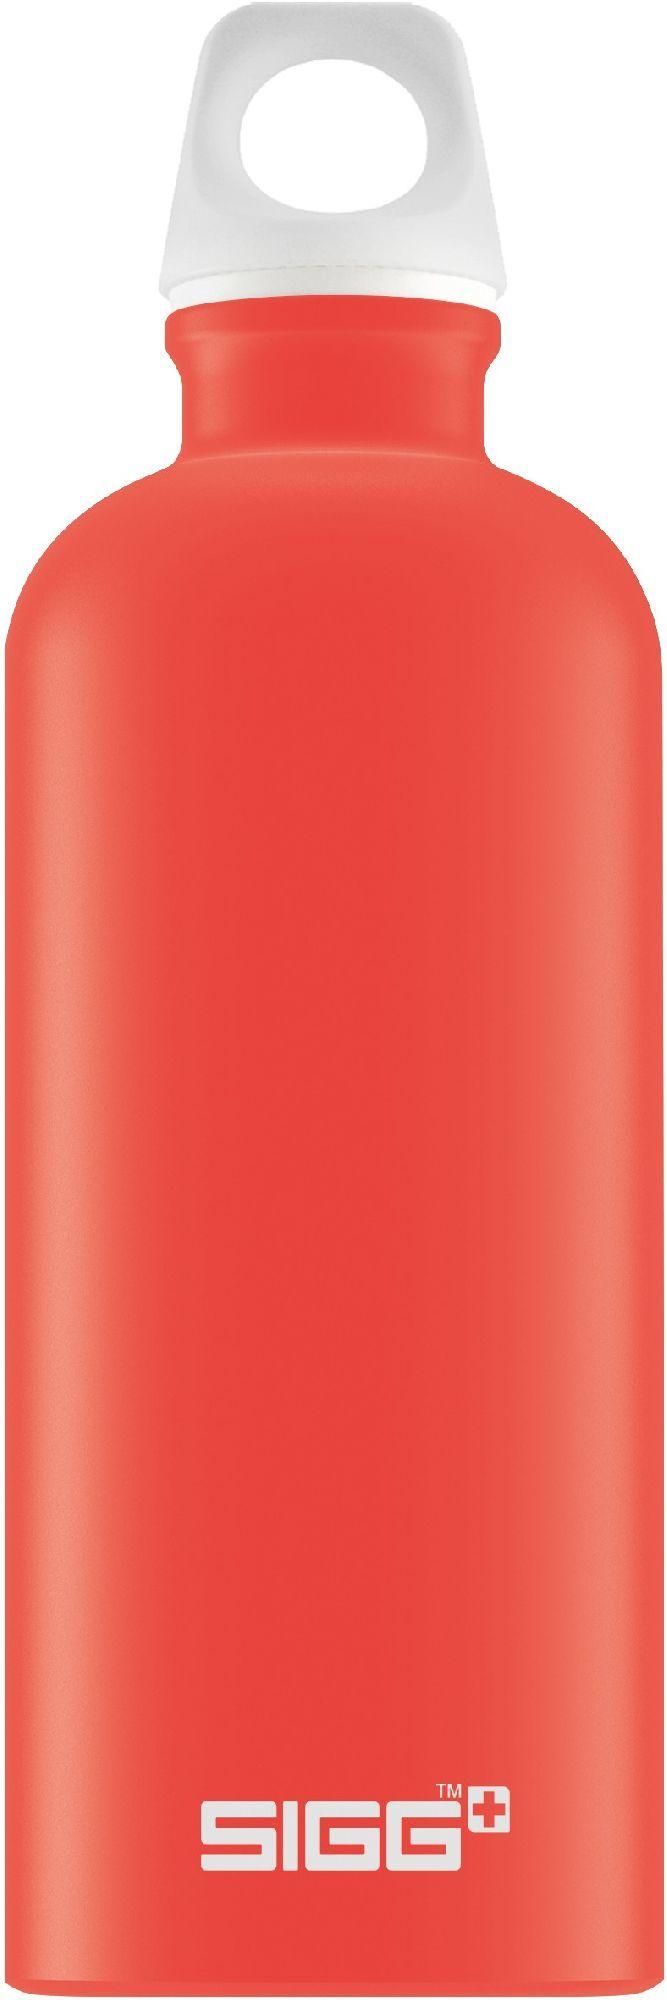 SIGG Butelka na wodę pomarańczowa 1000ml 1